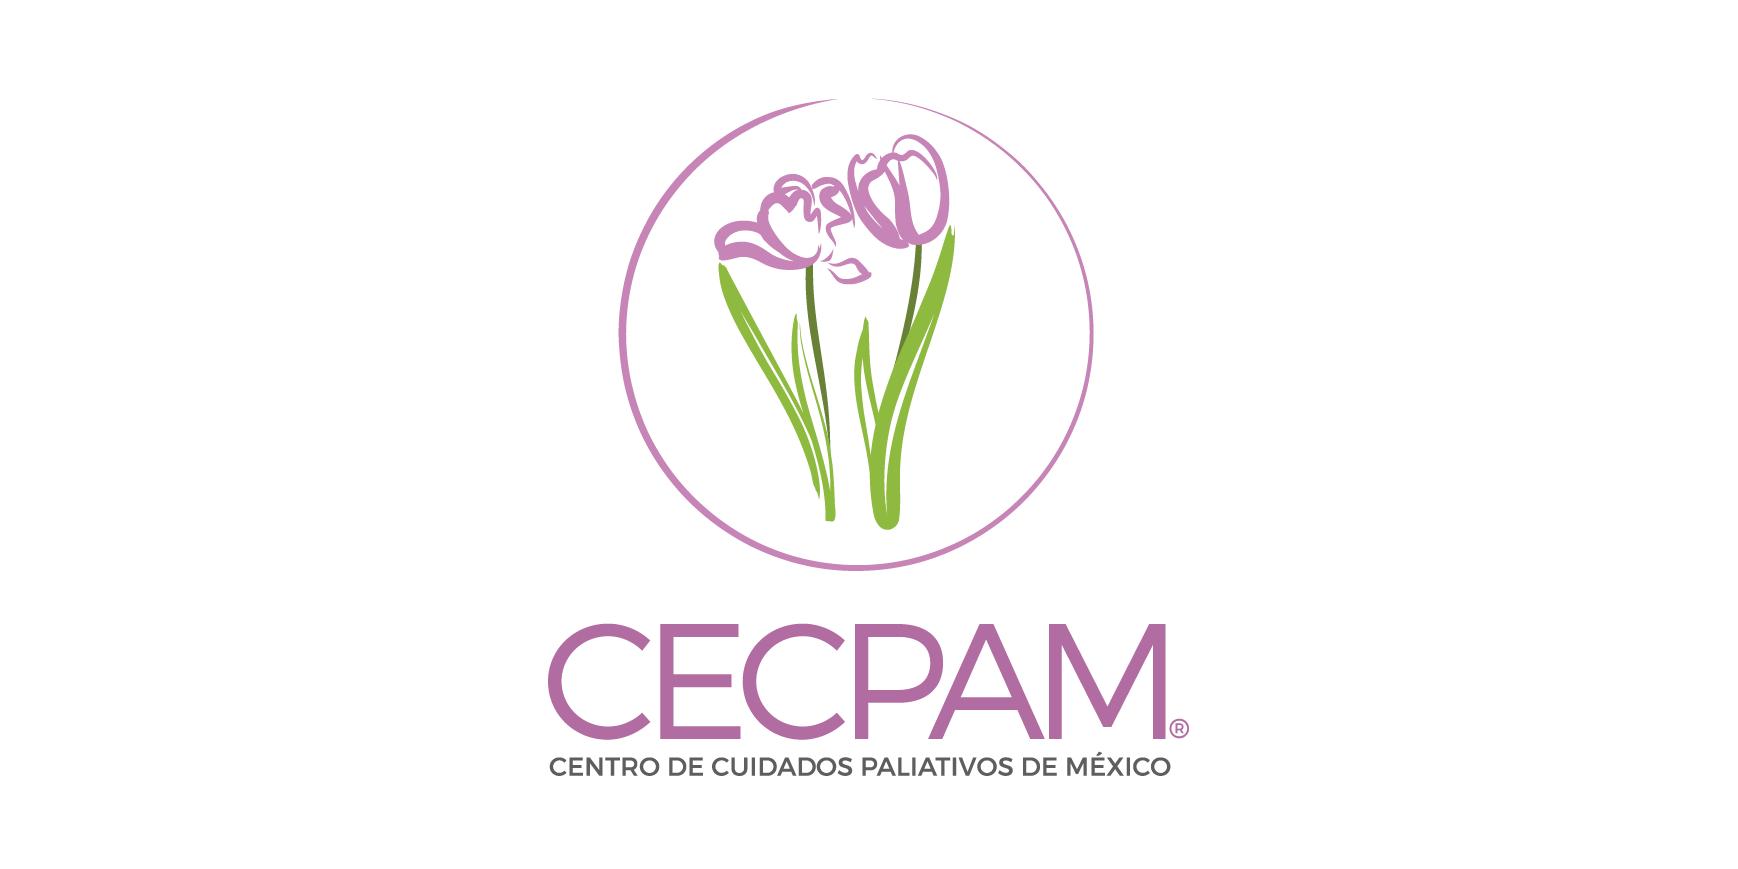 Centro de Cuidados Paliativos de México, I.A.P.